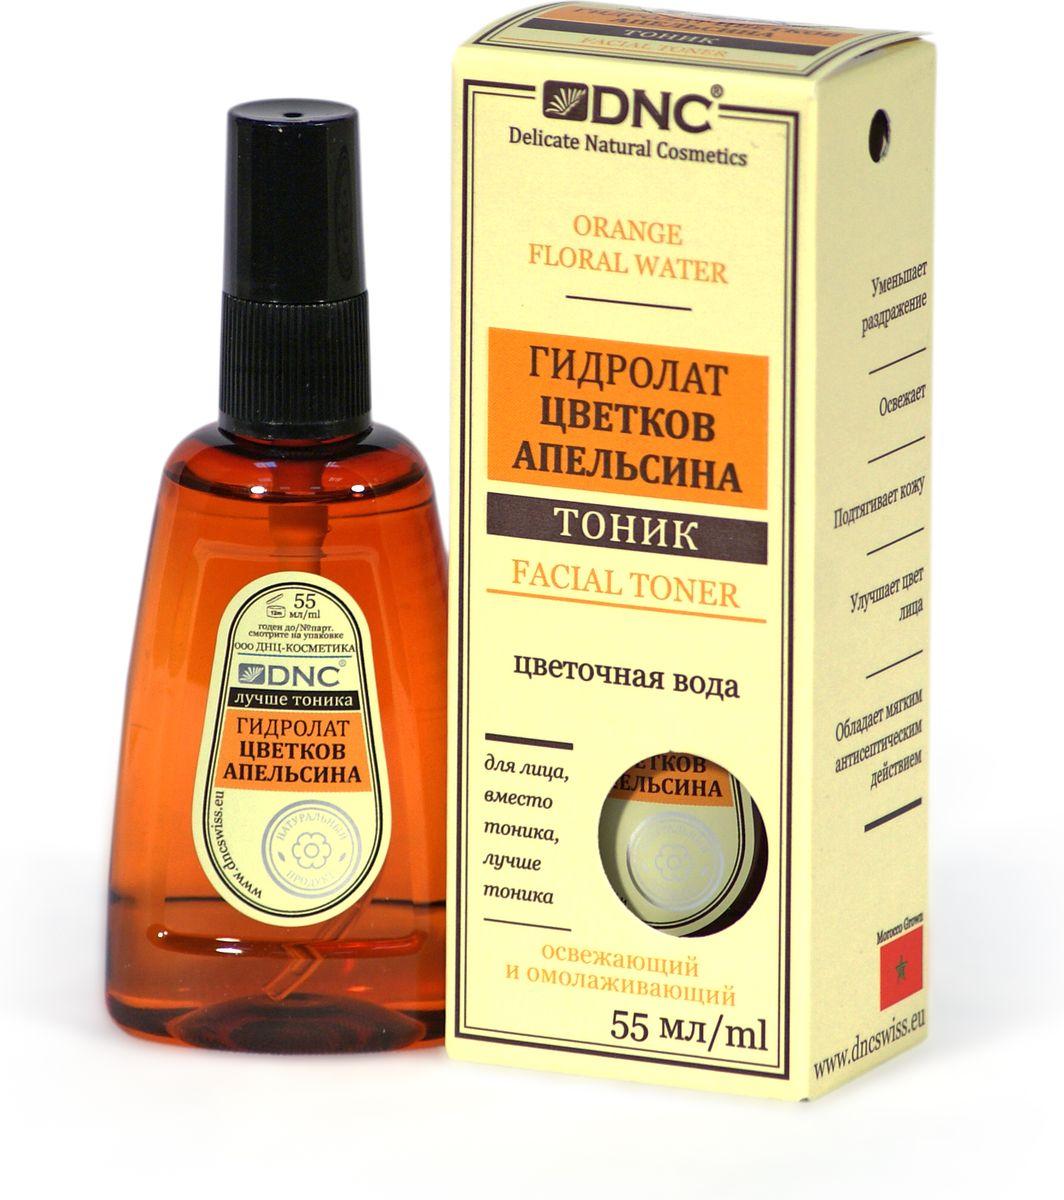 DNC Гидролат Цветков Апельсина, 55 млFS-00897Тонизирующая, очищающая и освежающаяводная эссенция цветков апельсина. Пробуждает в коже естественное стремление к молодости и обновлению. Возвращает шелковистость и свечение самой утомленной коже. Снимает мышечное напряжение, уменьшает рельеф морщин.